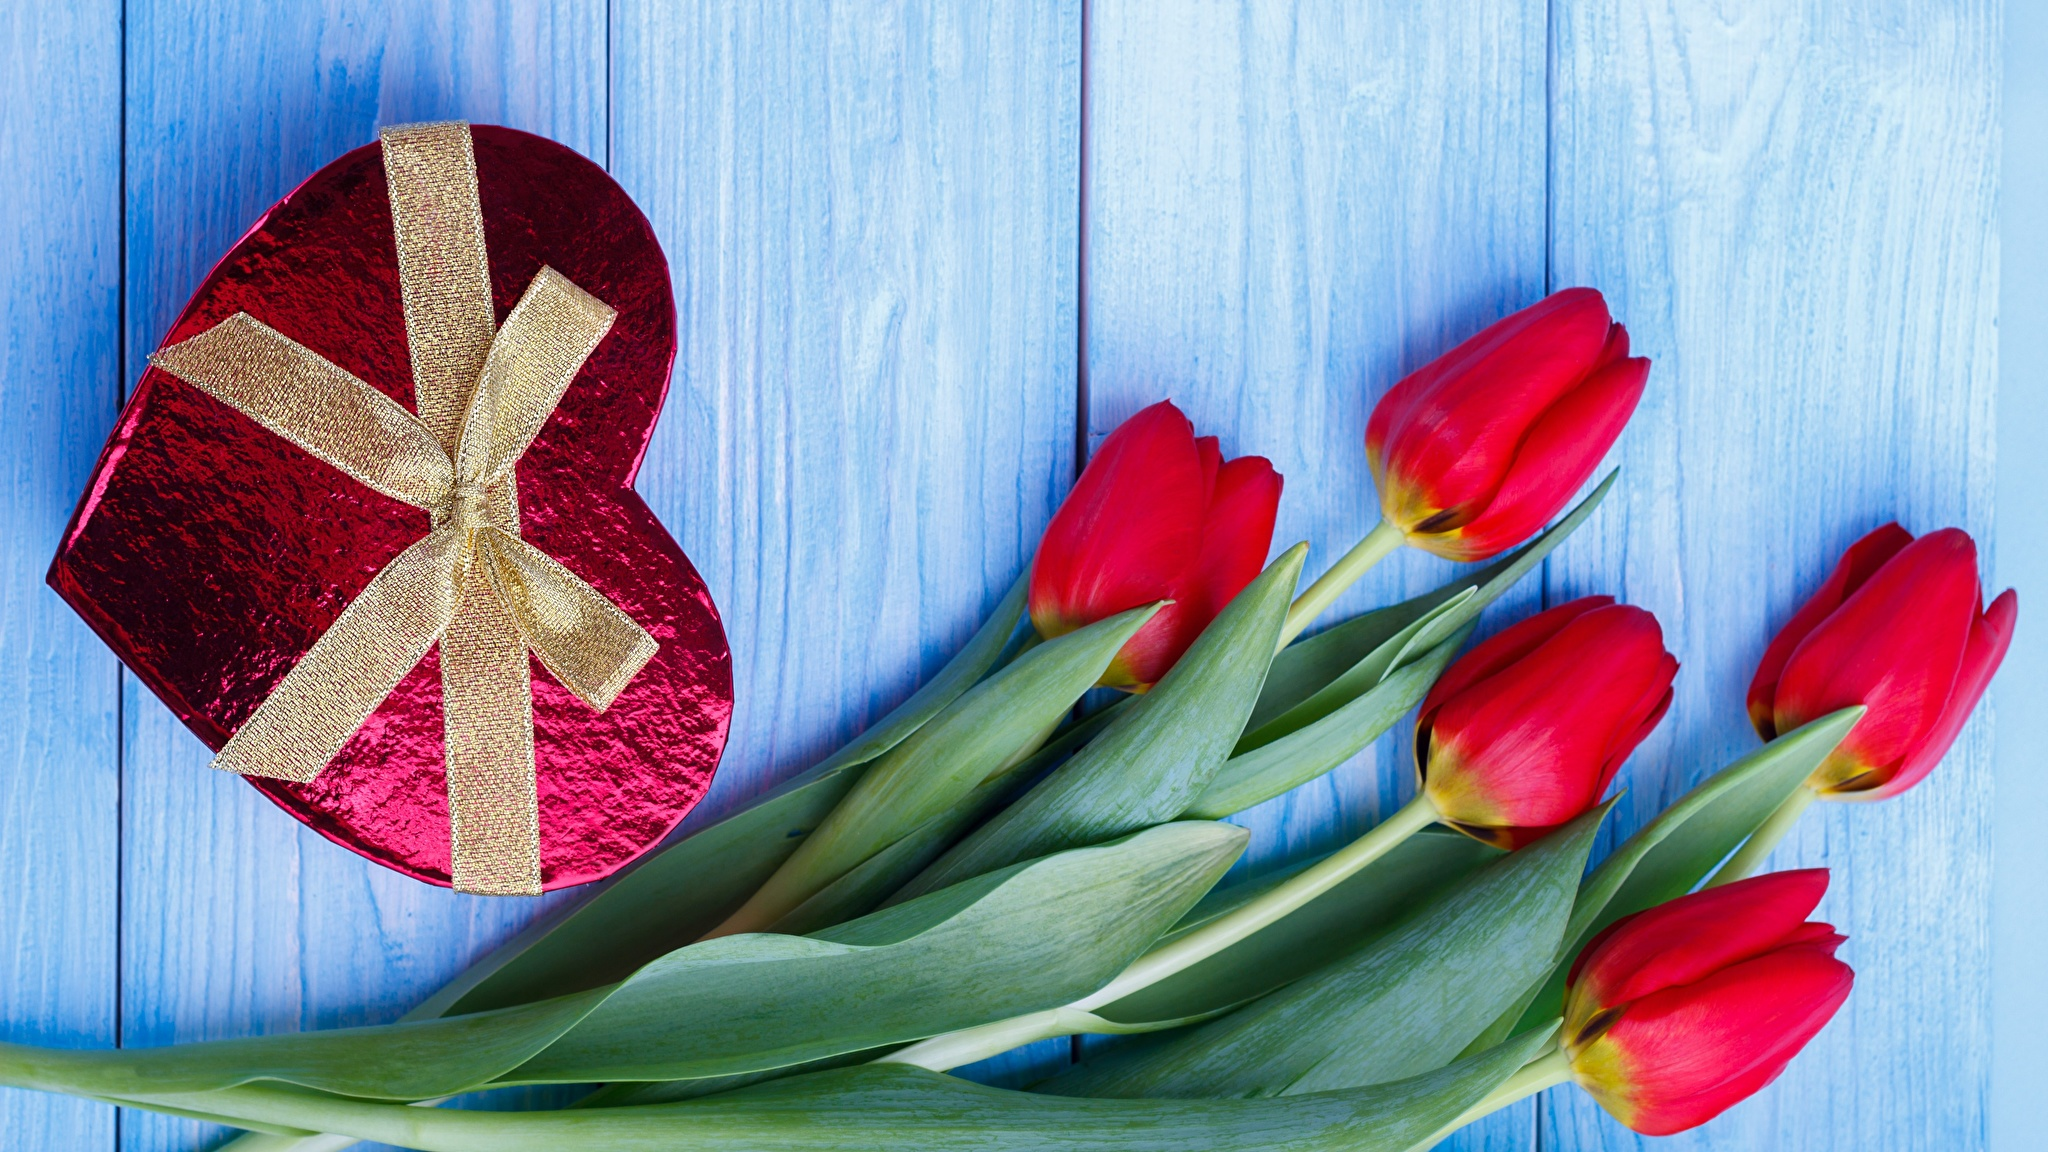 Bilder von Valentinstag Herz Tulpen Blumen Schleife Bretter 2048x1152